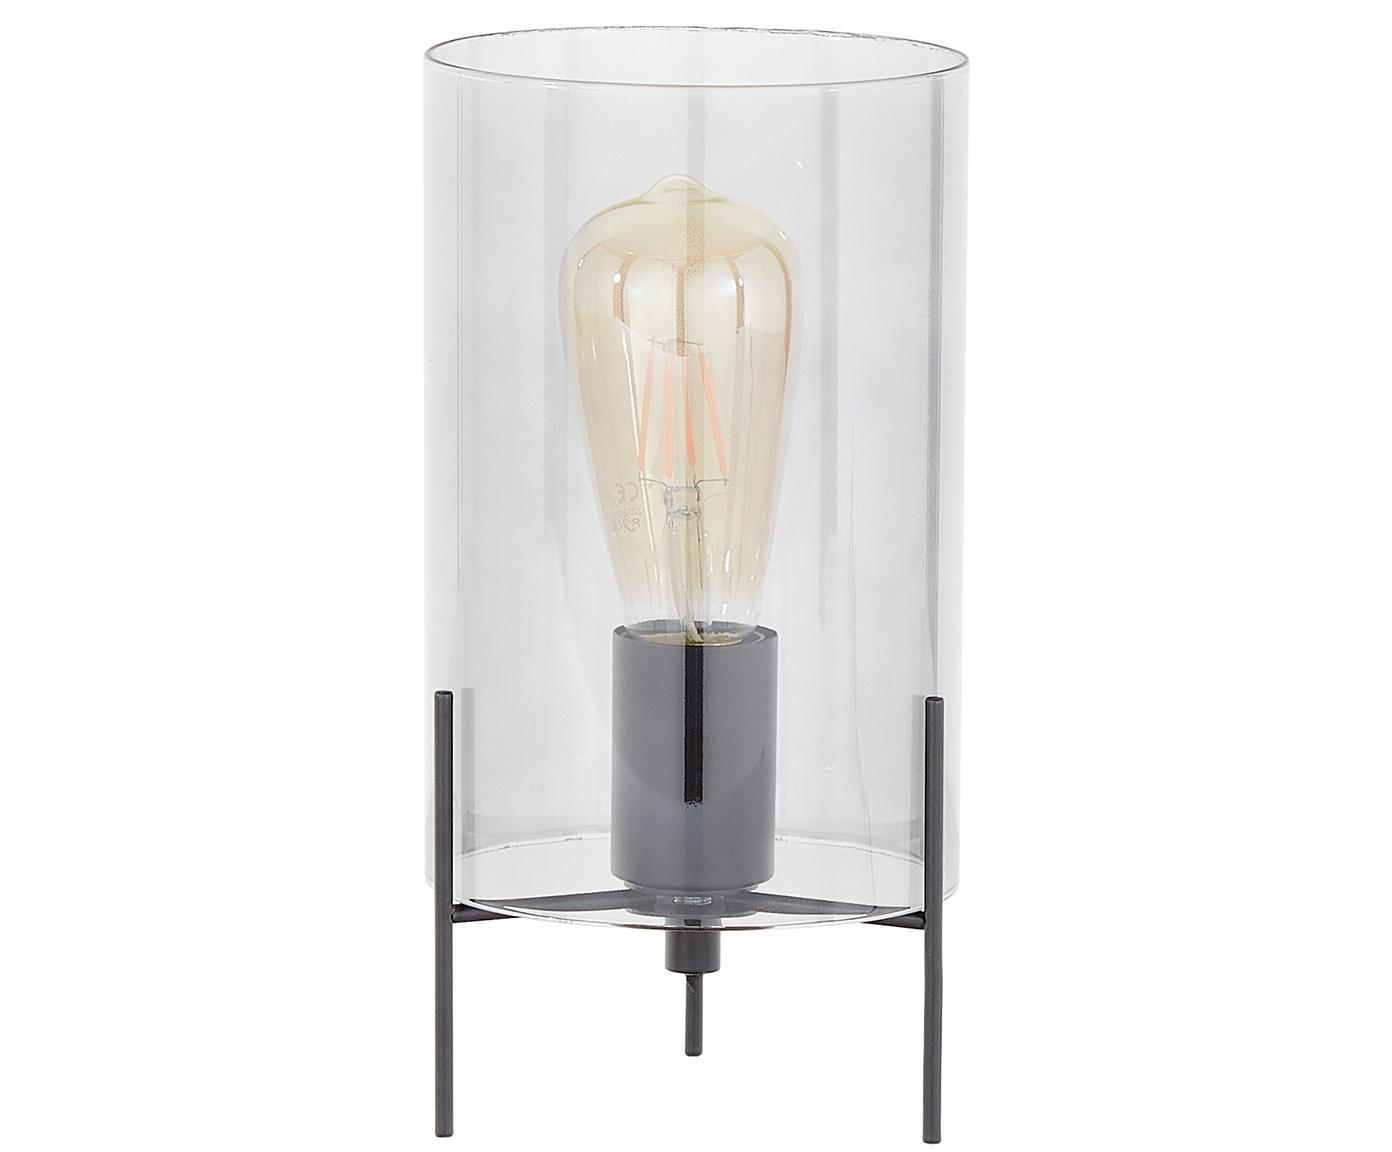 Lámpara de mesa Laurel, Pantalla: vidrio, Cable: cubierto en tela, Gris, negro, Ø 14 x Al 28 cm